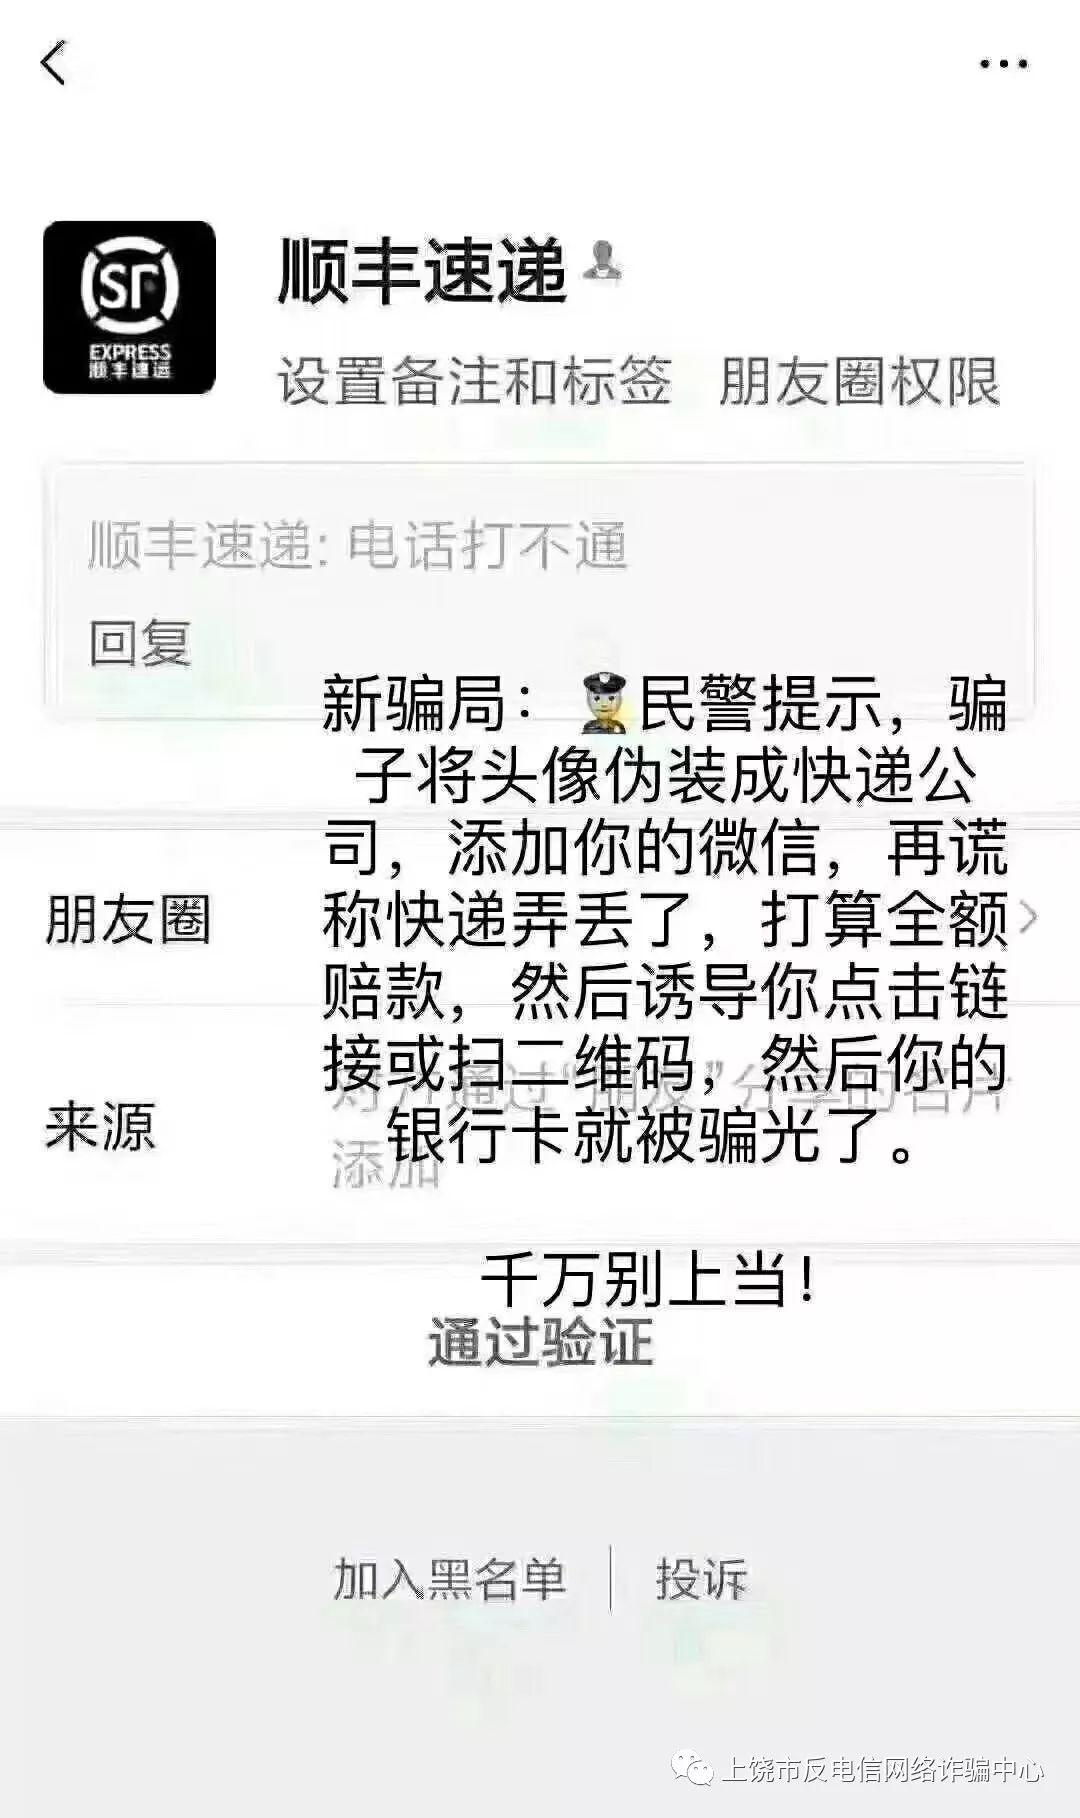 九州官方娱乐平台